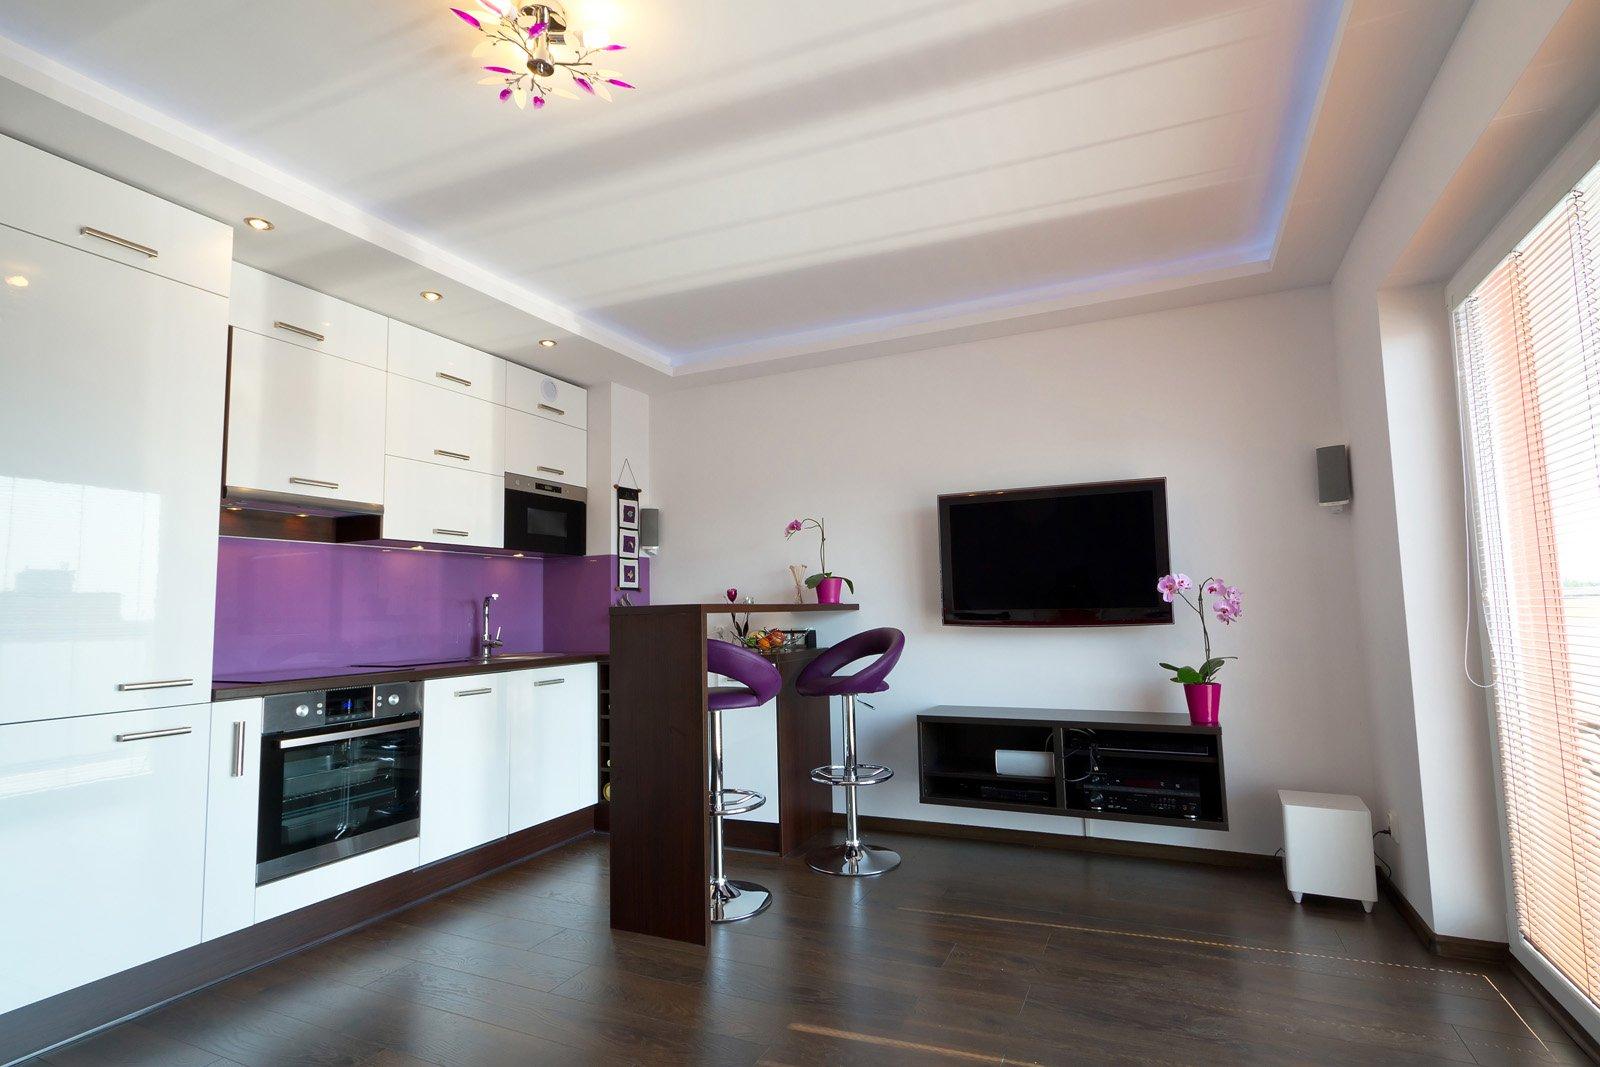 маленькая кухня гостиная дизайн идеи